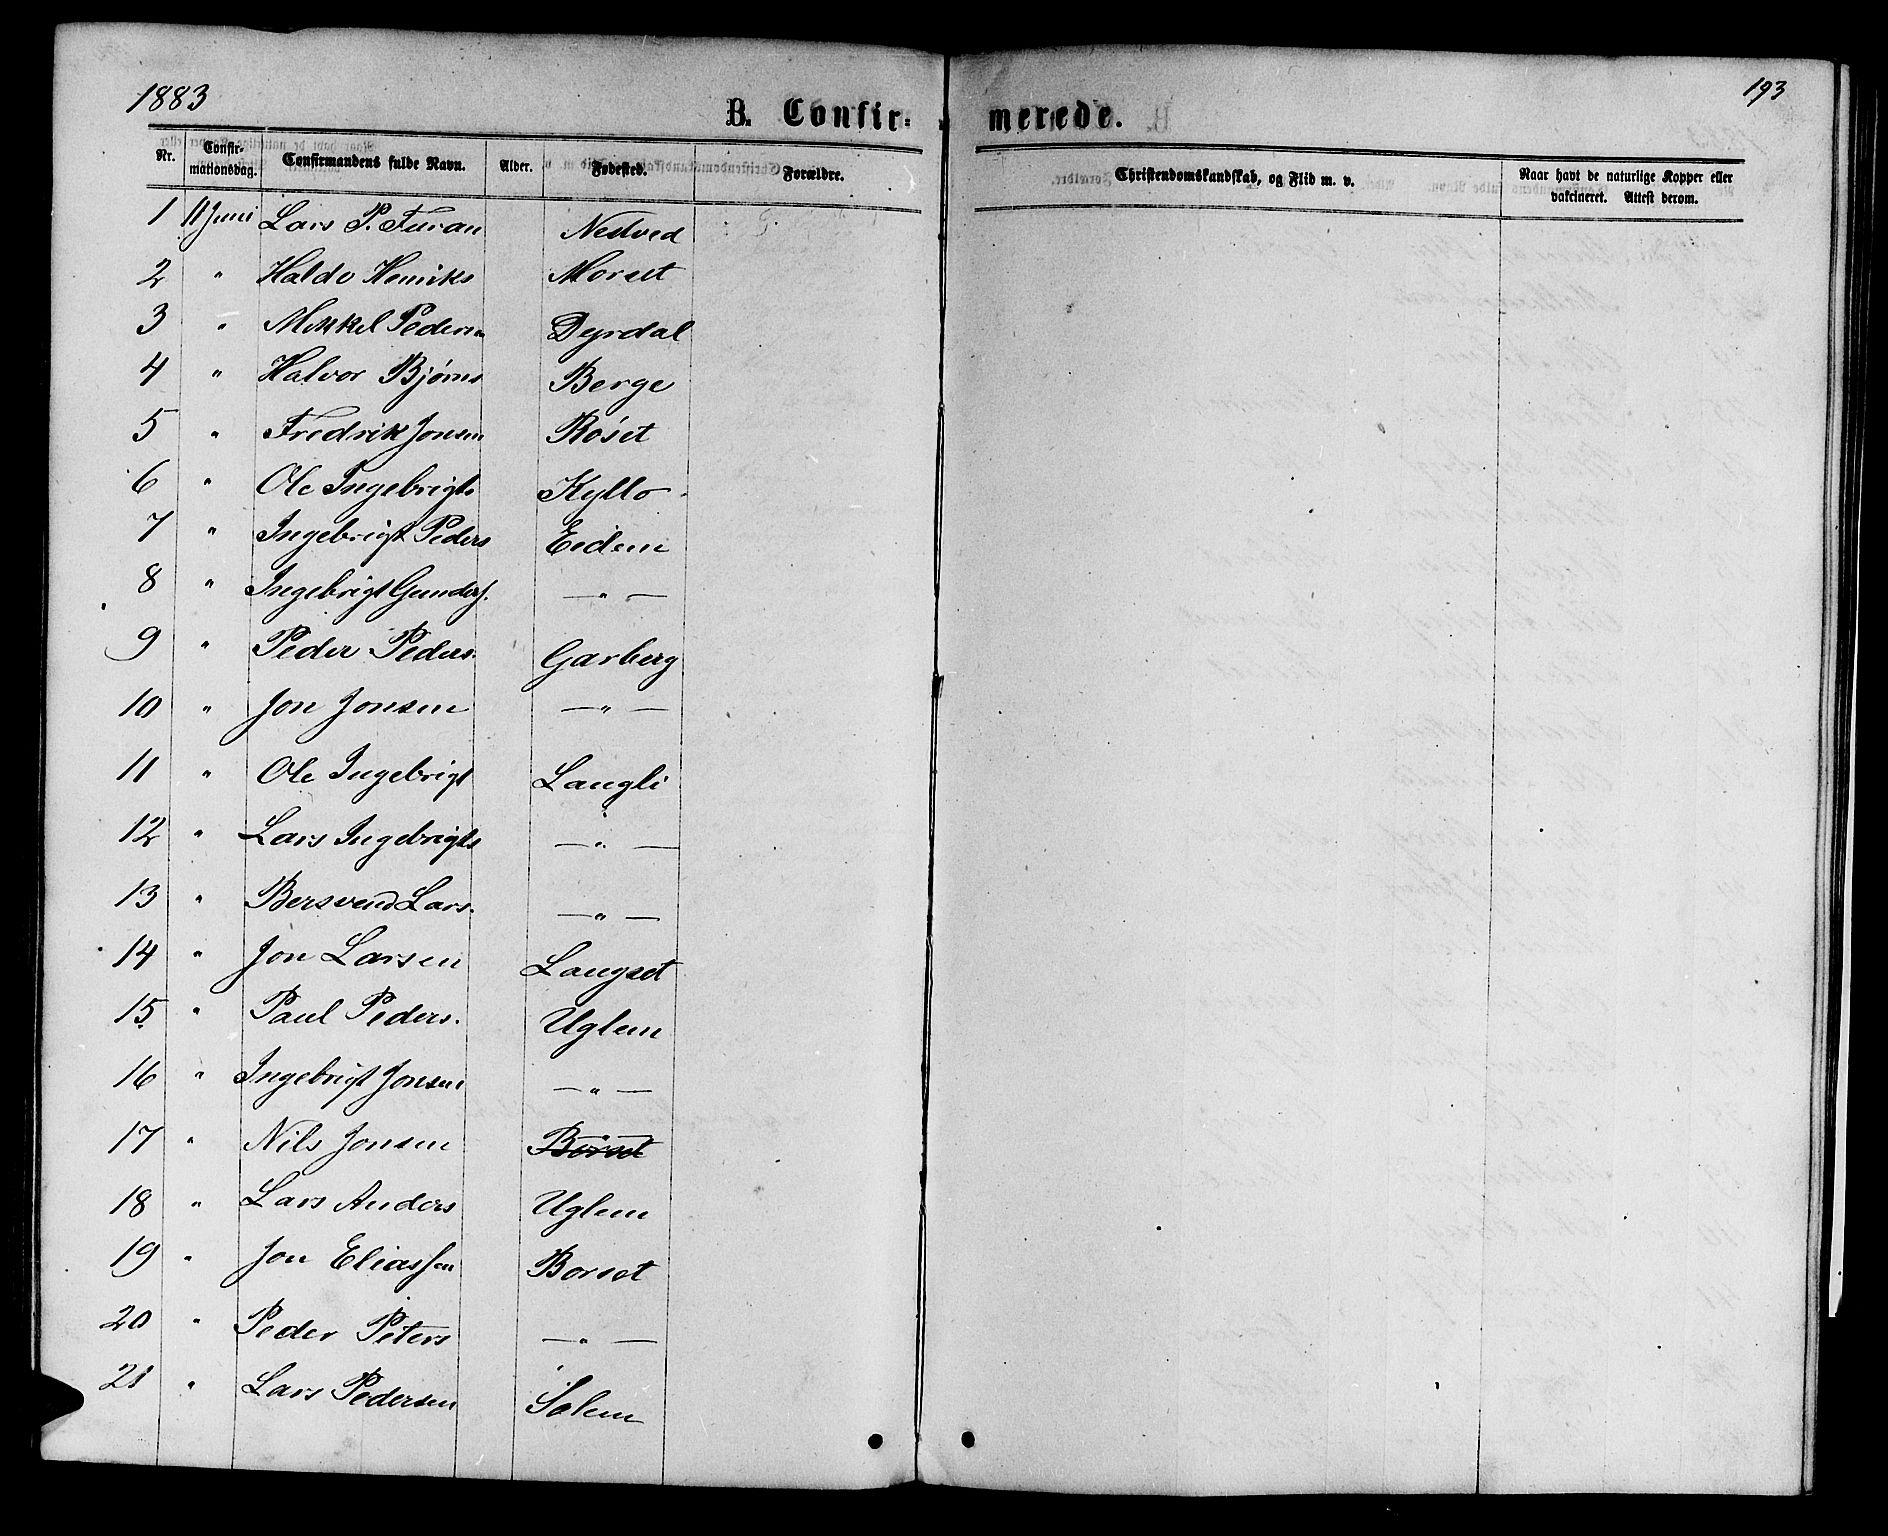 SAT, Ministerialprotokoller, klokkerbøker og fødselsregistre - Sør-Trøndelag, 695/L1156: Klokkerbok nr. 695C07, 1869-1888, s. 193